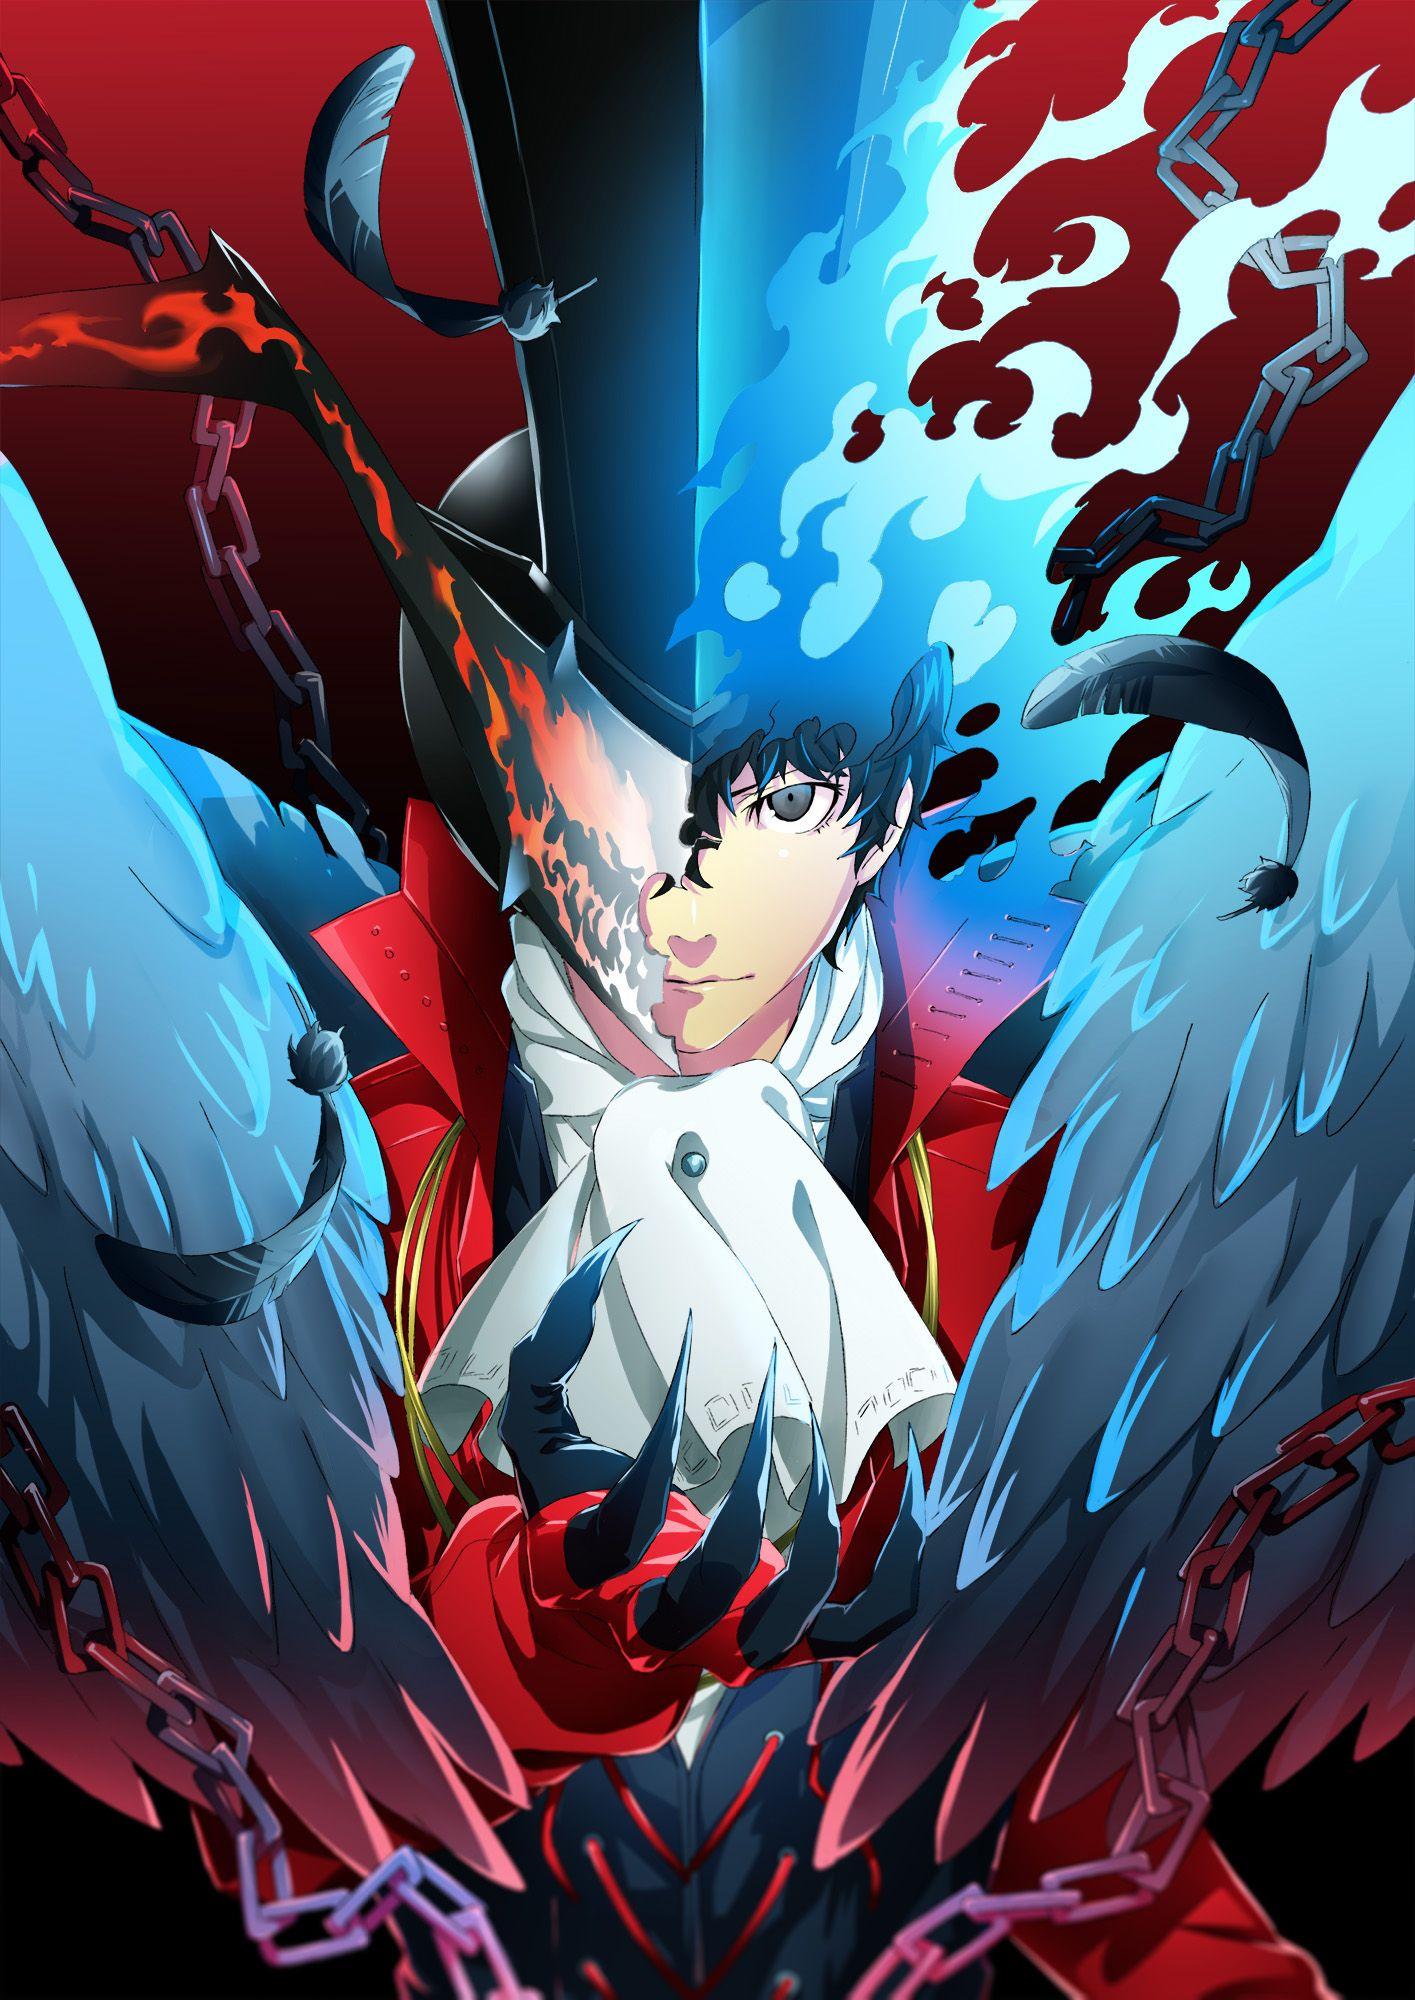 Pin by Halcyon on Ren Amamiya Persona 5 joker, Persona 5